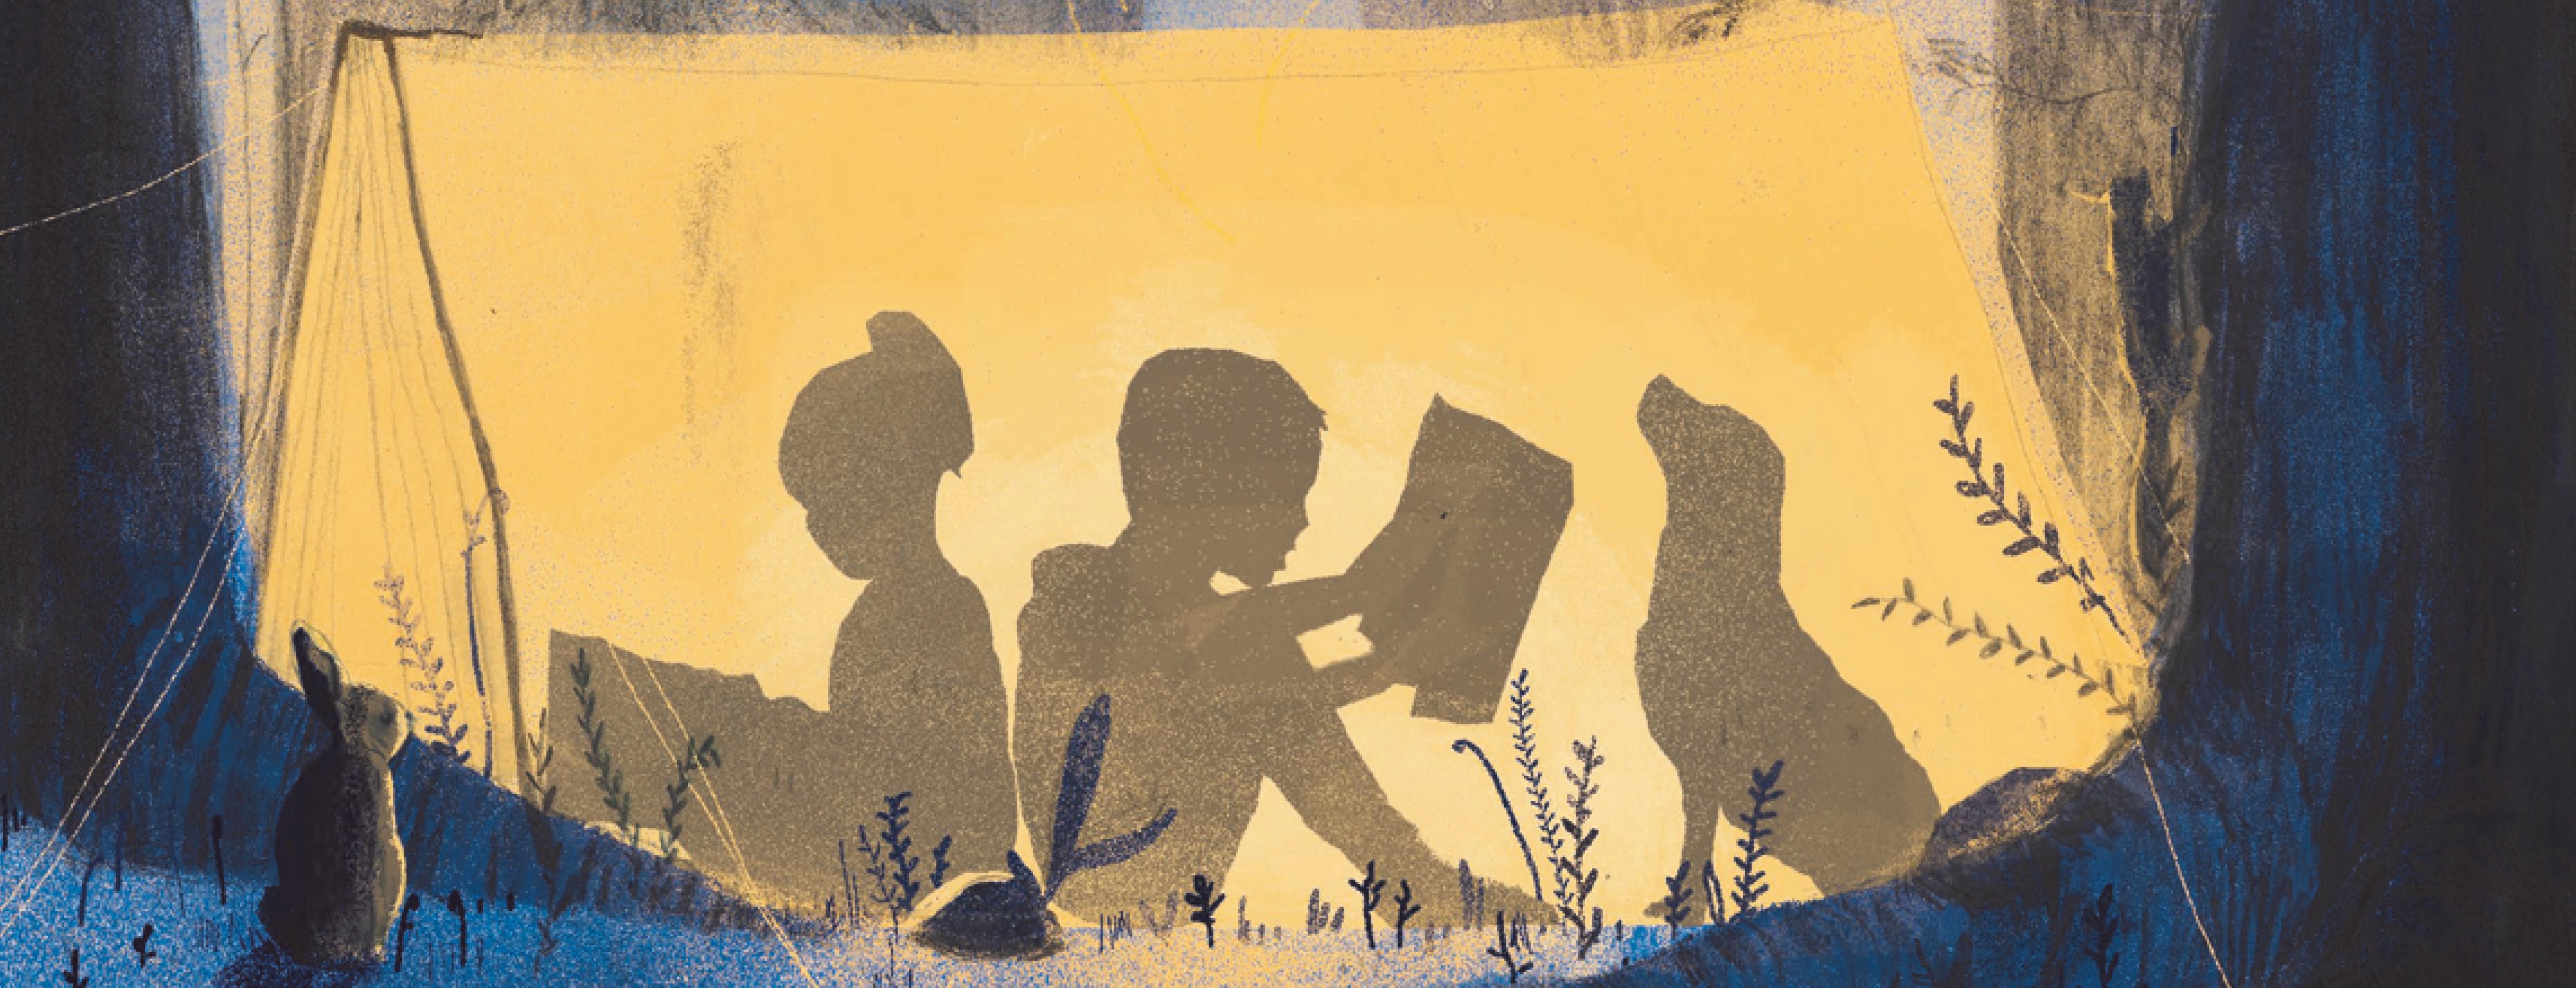 kinderen lezen boeken in tent